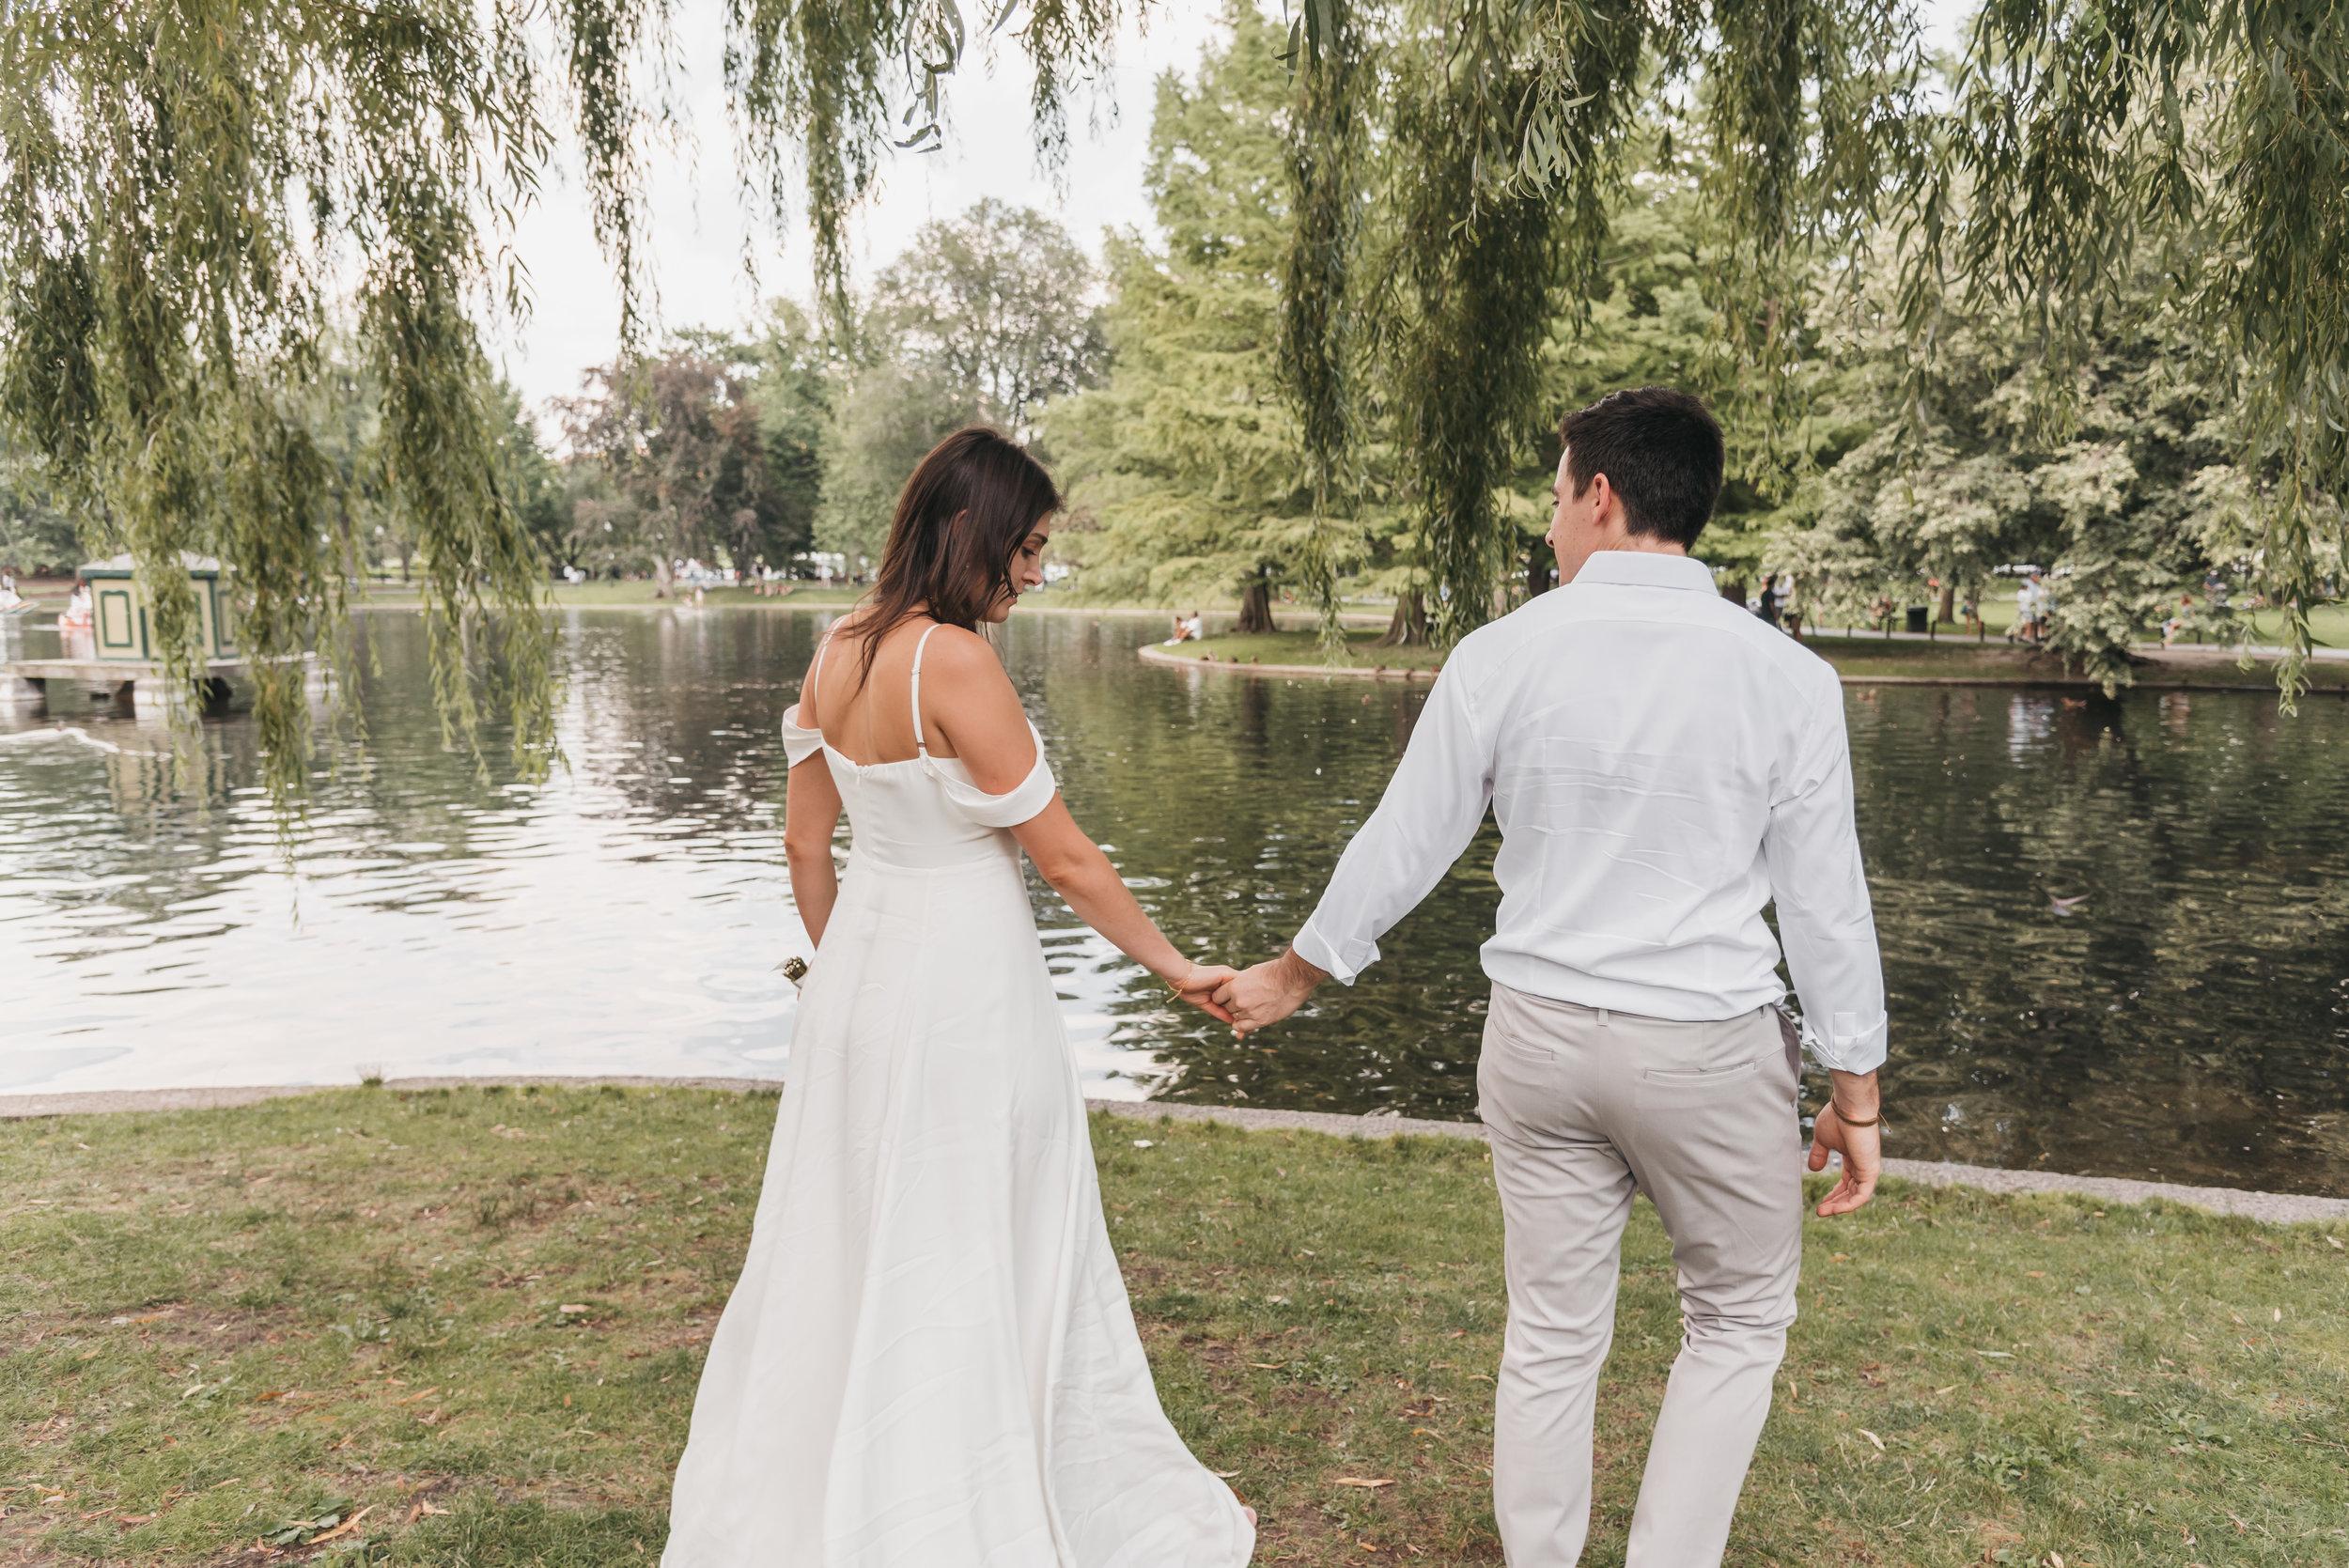 boston-public-garden-intimate-destination-elopement-14.jpg